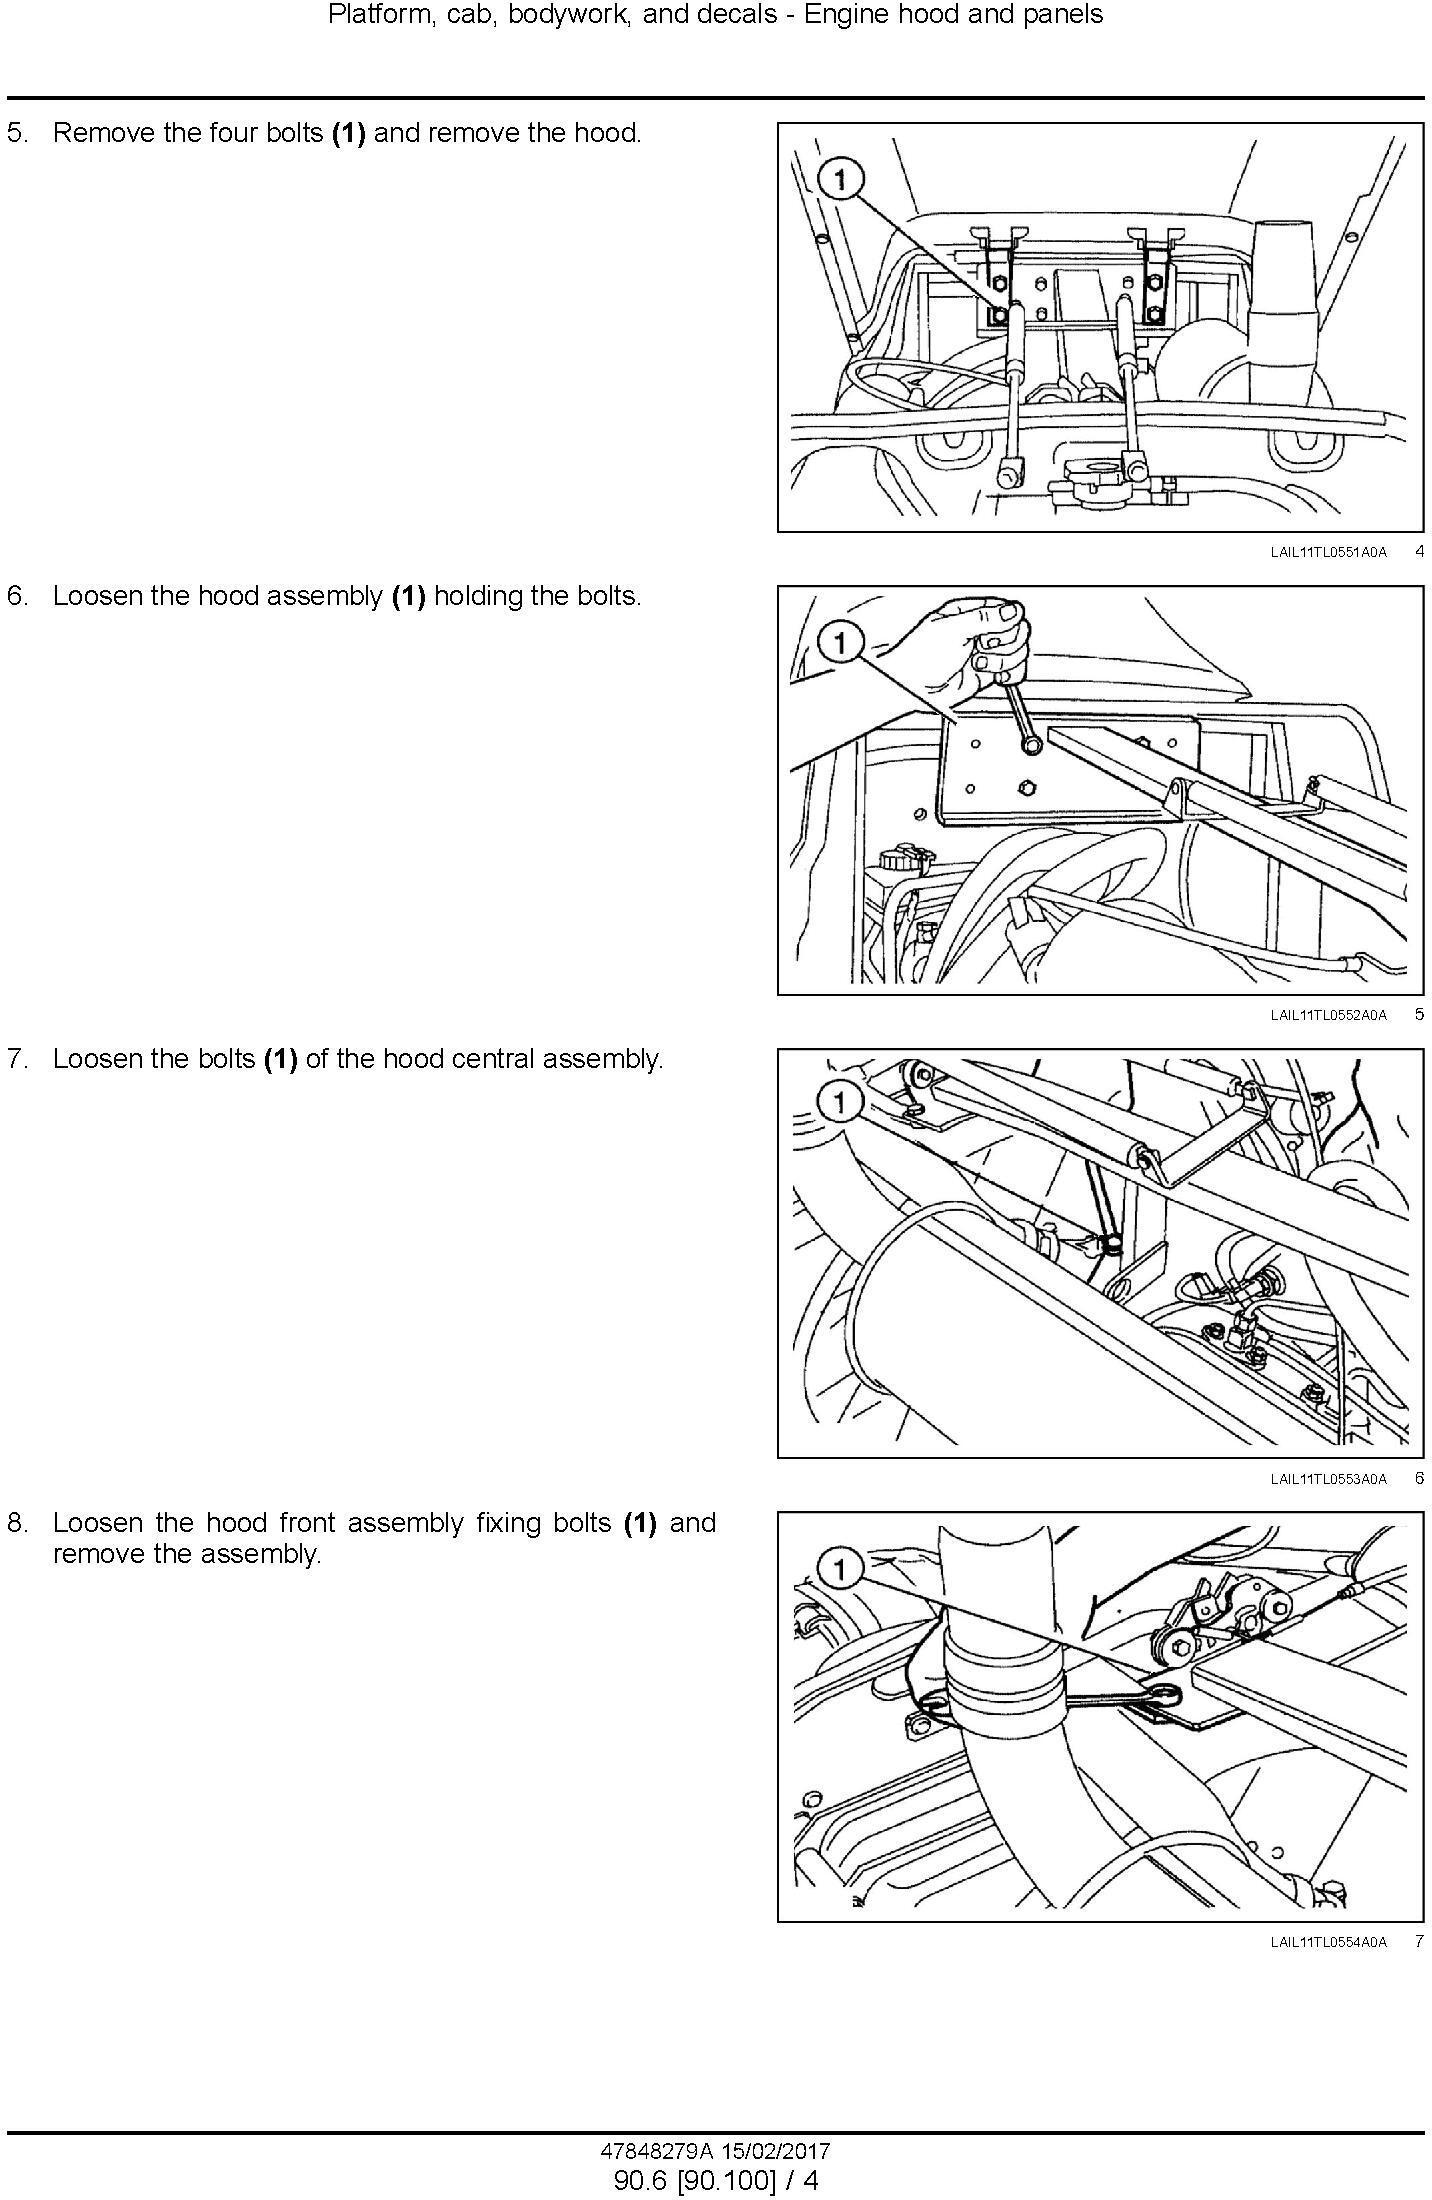 New Holland TL75E, TL85E, TL95E Power shuttle tractor Service Manual (Latin America) - 1